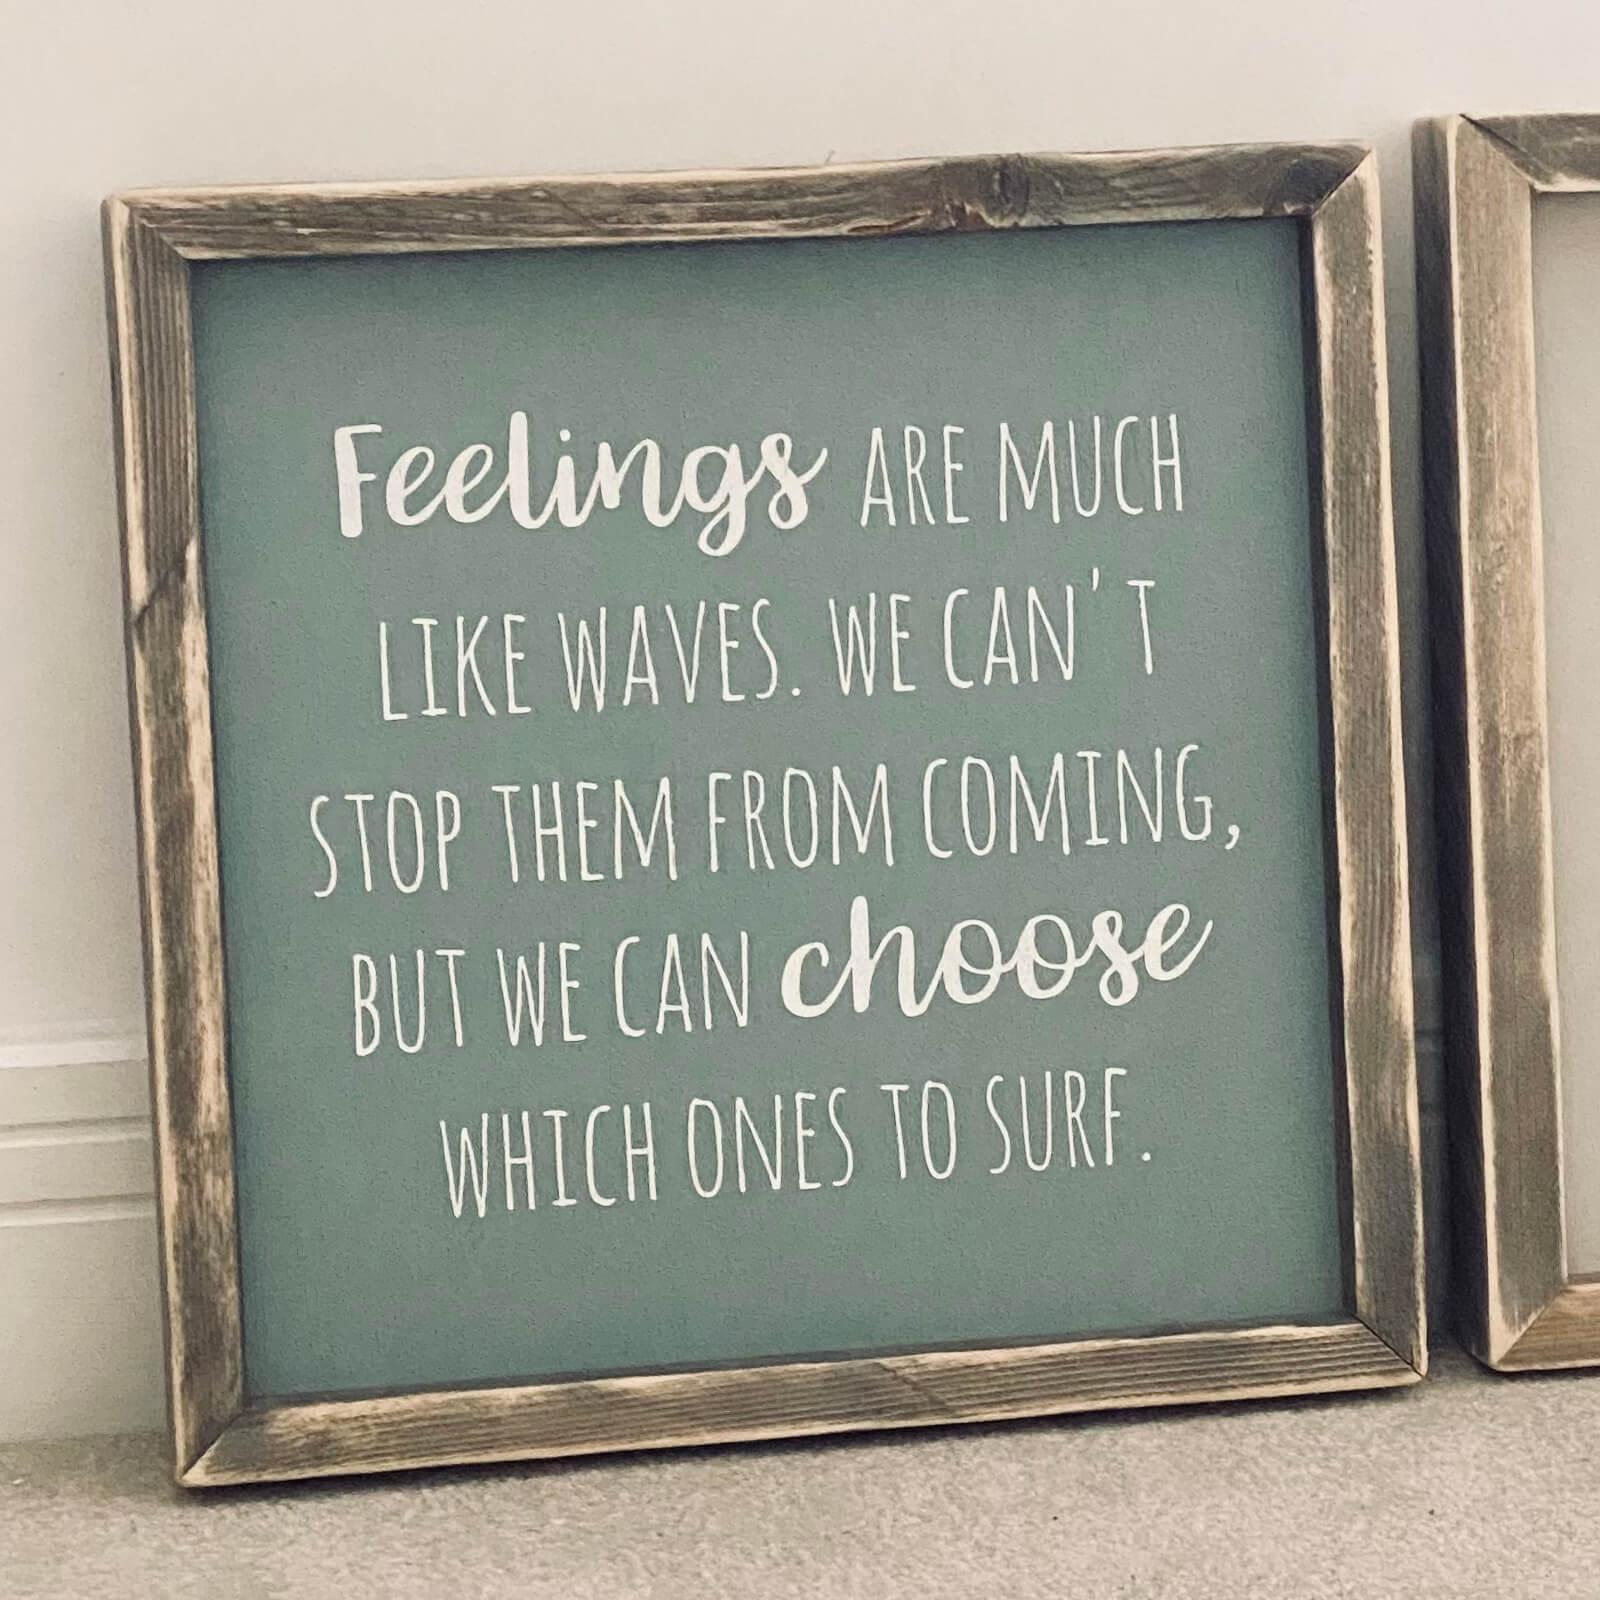 Framed inspirational positive wooden sign